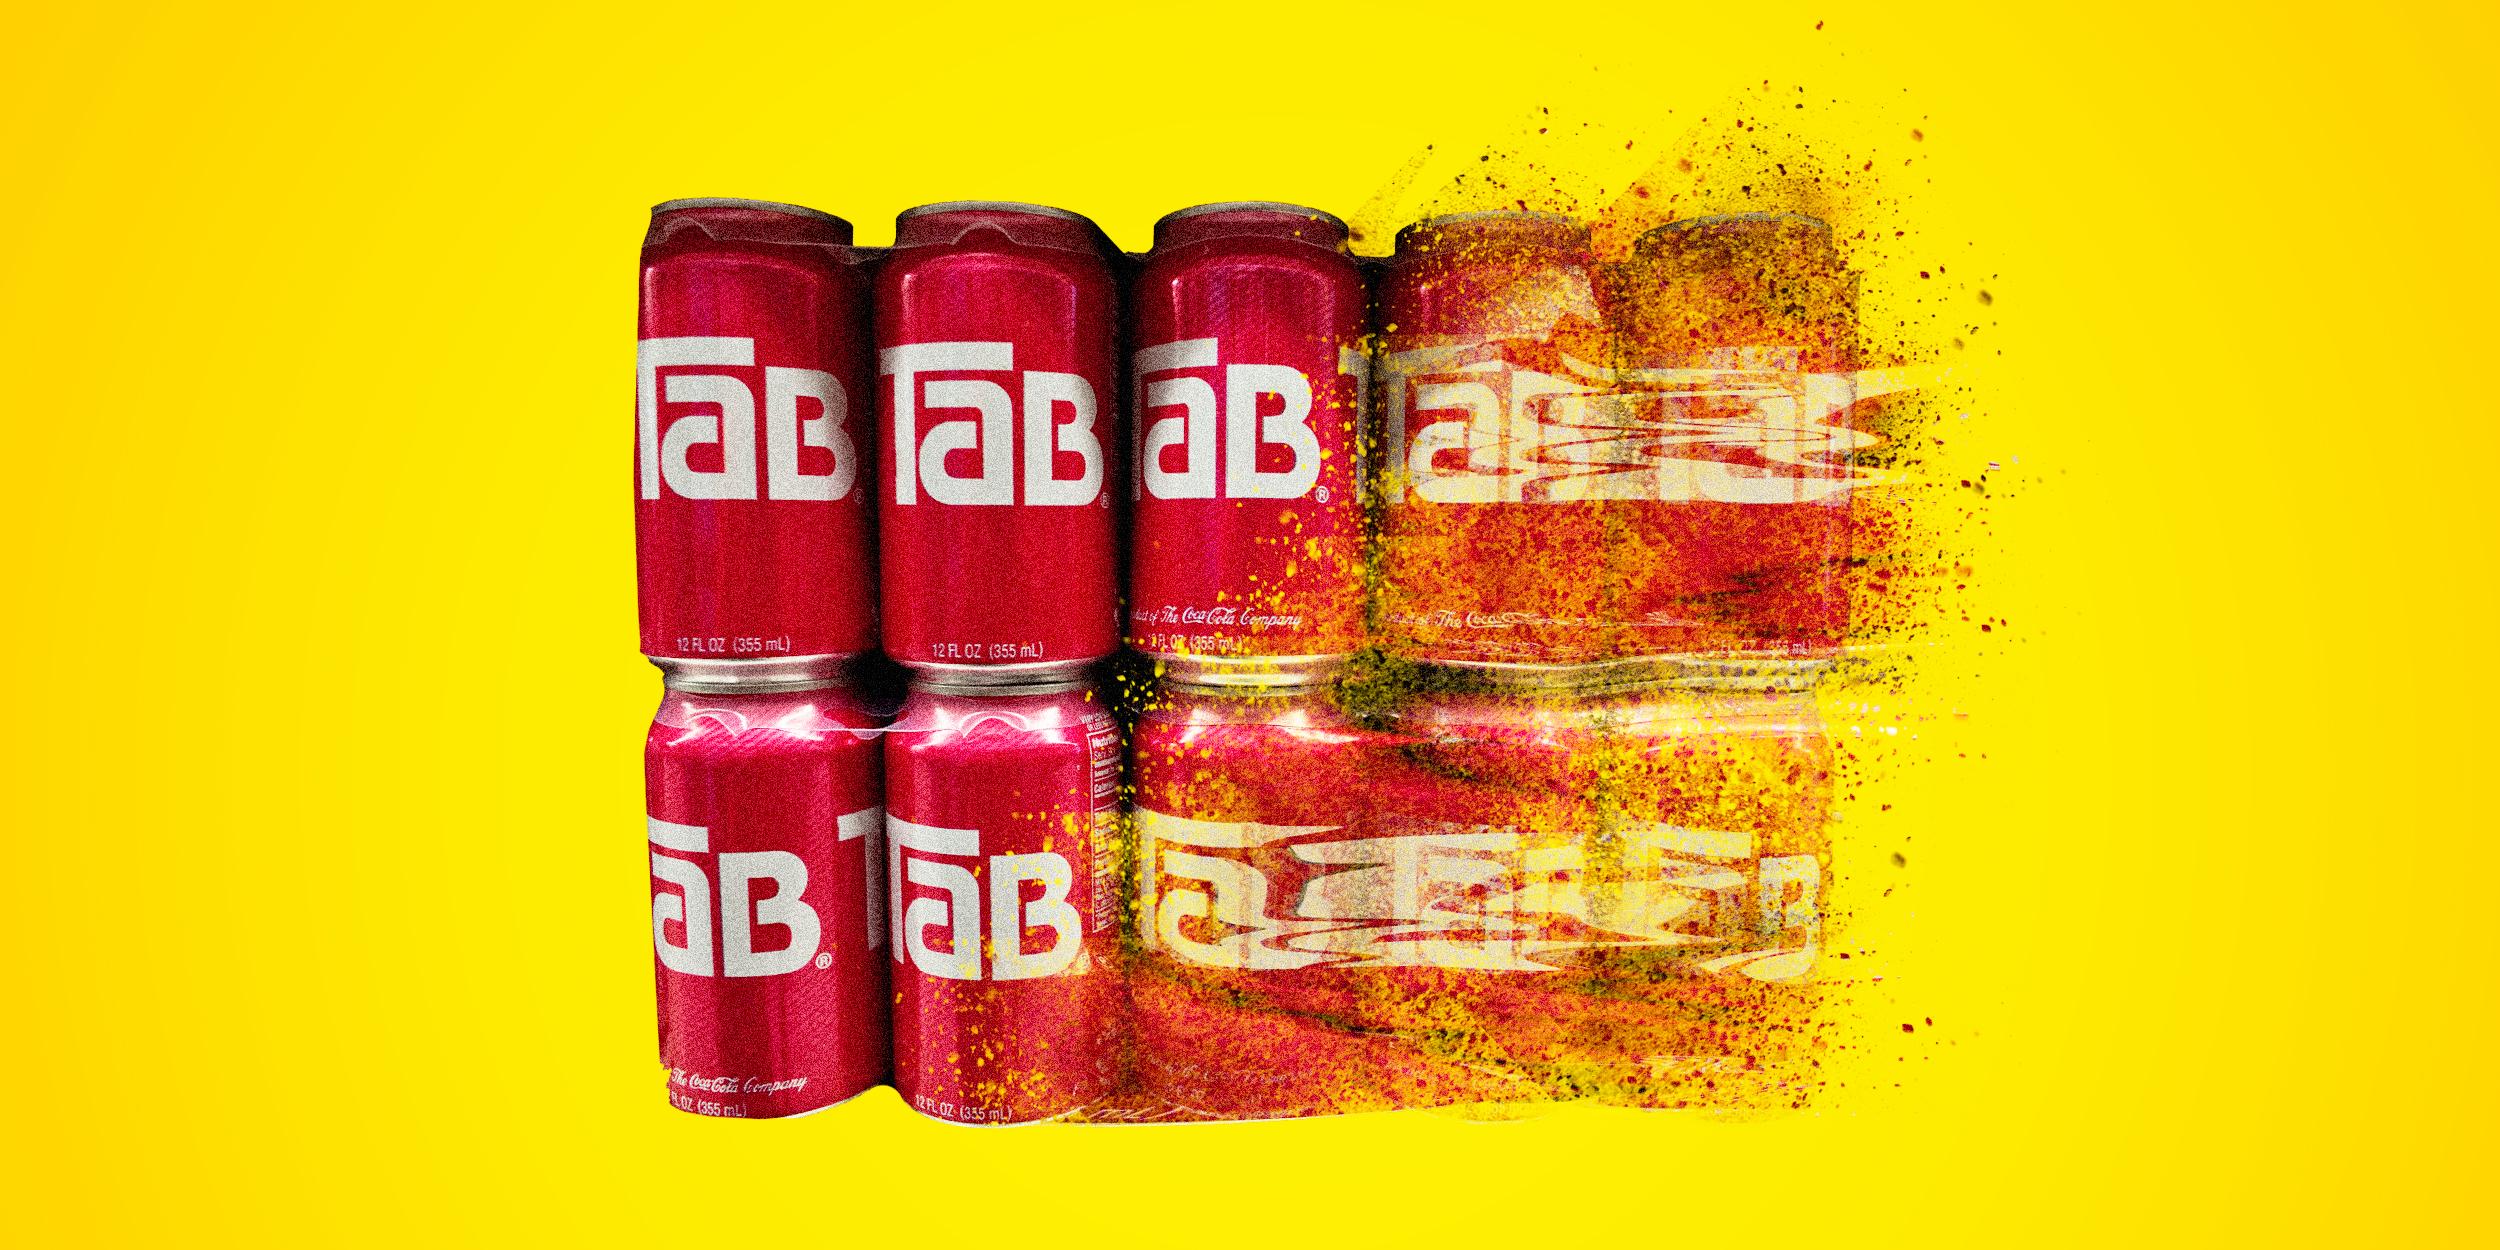 Coca Cola S Tab Soda Has Been Discontinued Its Retirement Should Have Come Decades Ago